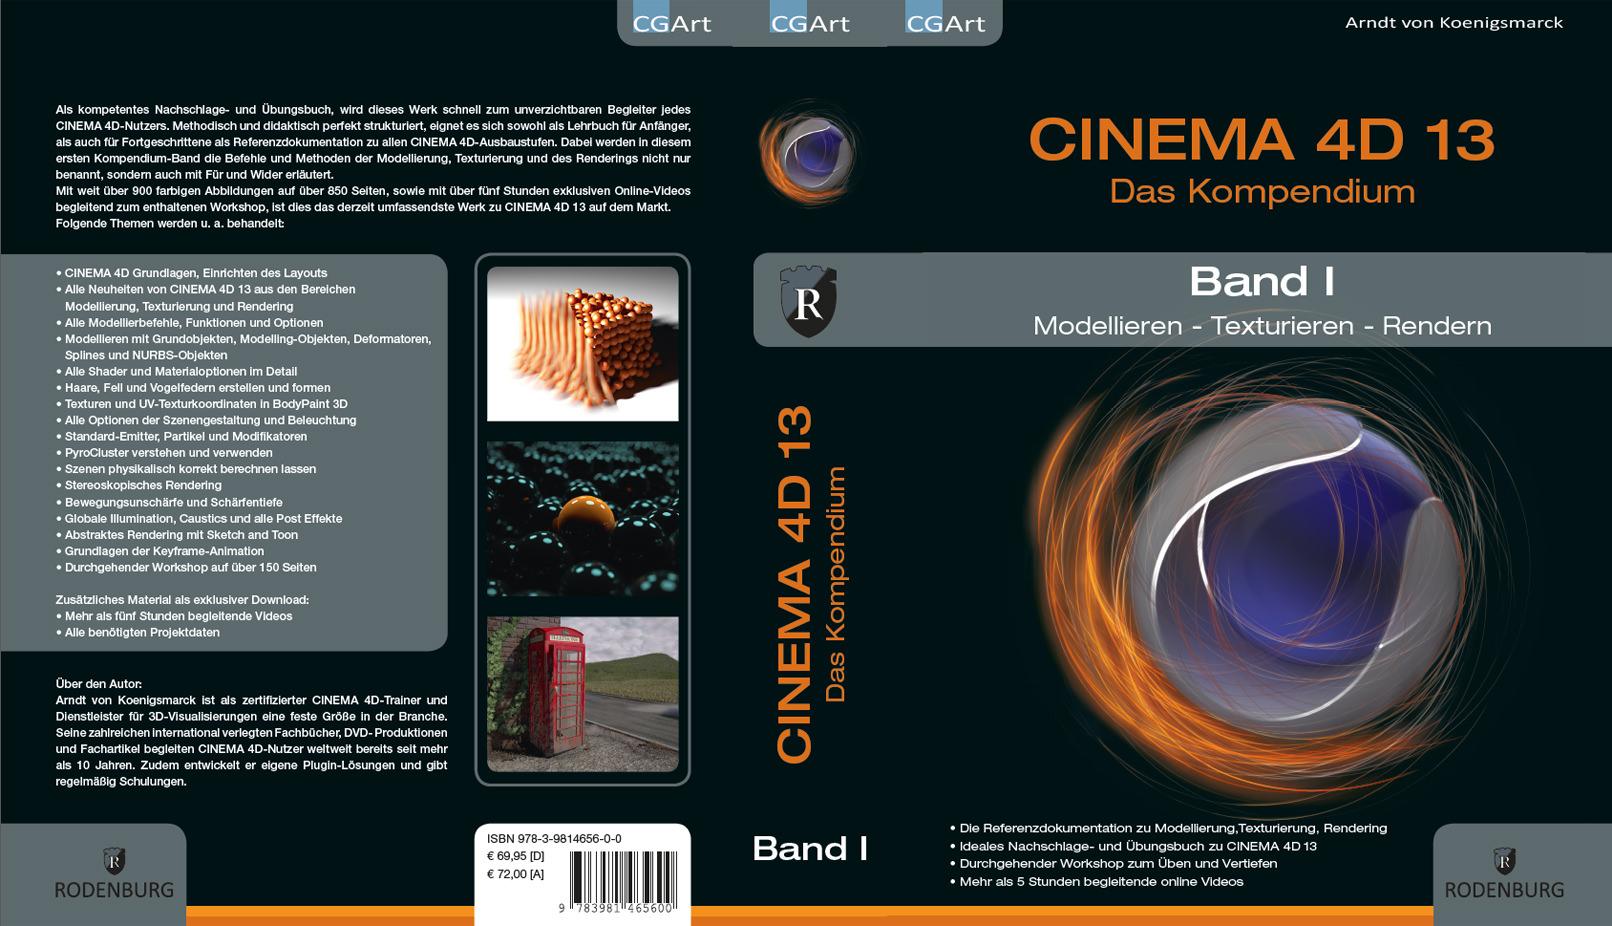 CINEMA 4D Kompendium